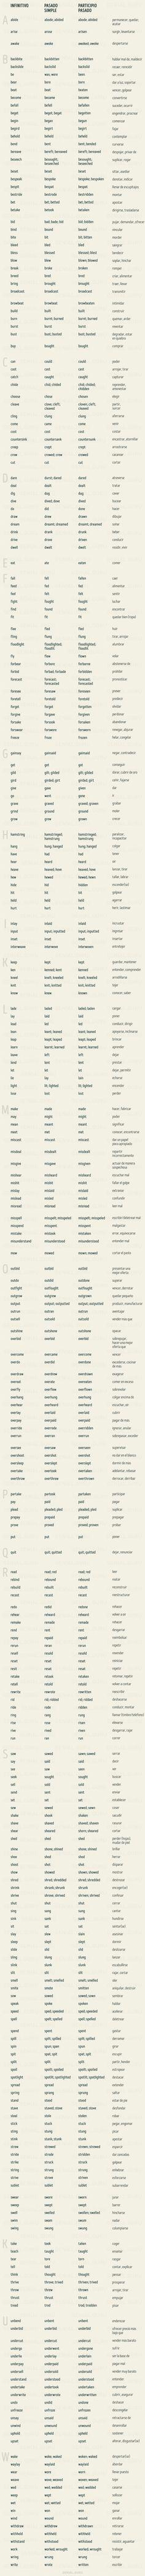 Lista completa de verbos irregulares en Inglés